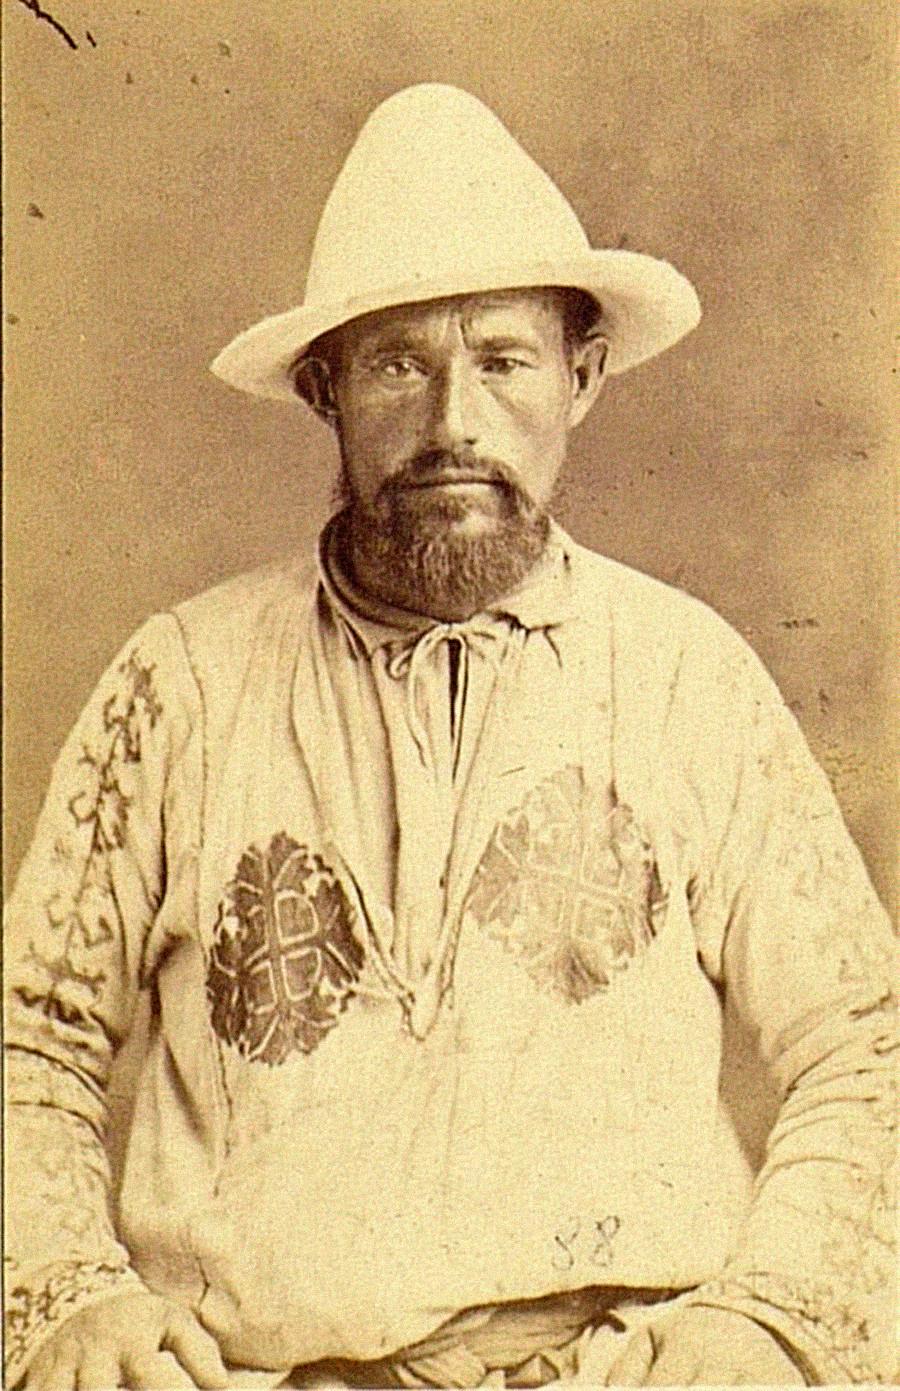 Tatar, gouvernorat de Kazan (actuelle République du Tatarstan), 1880